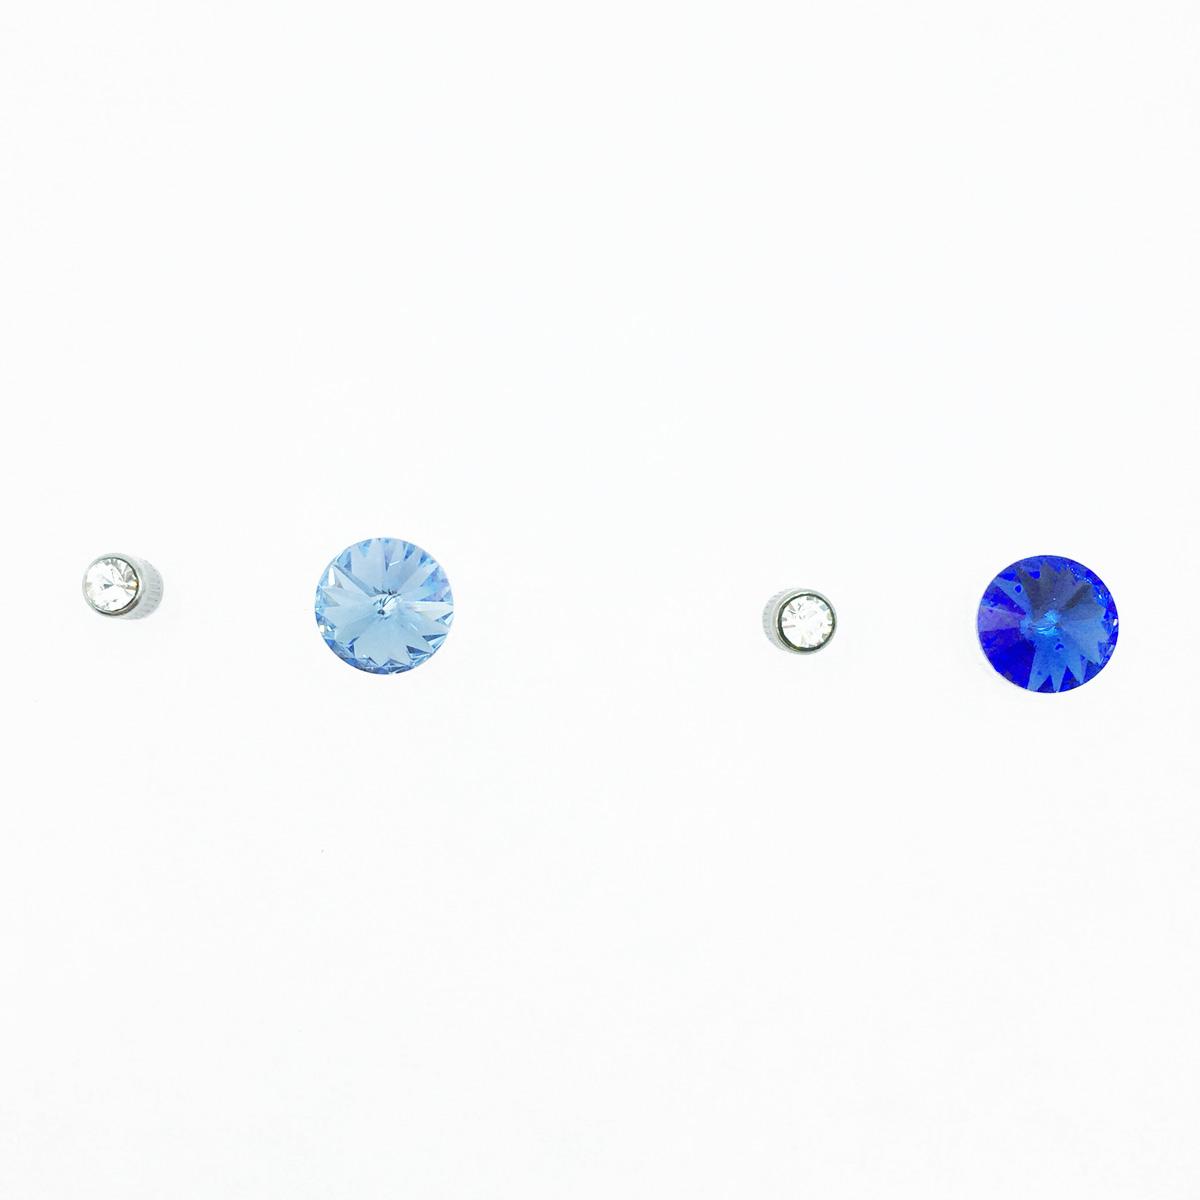 不鏽鋼 圓圈 水鑽 切割面 多種顏色 基本款 後轉式耳環